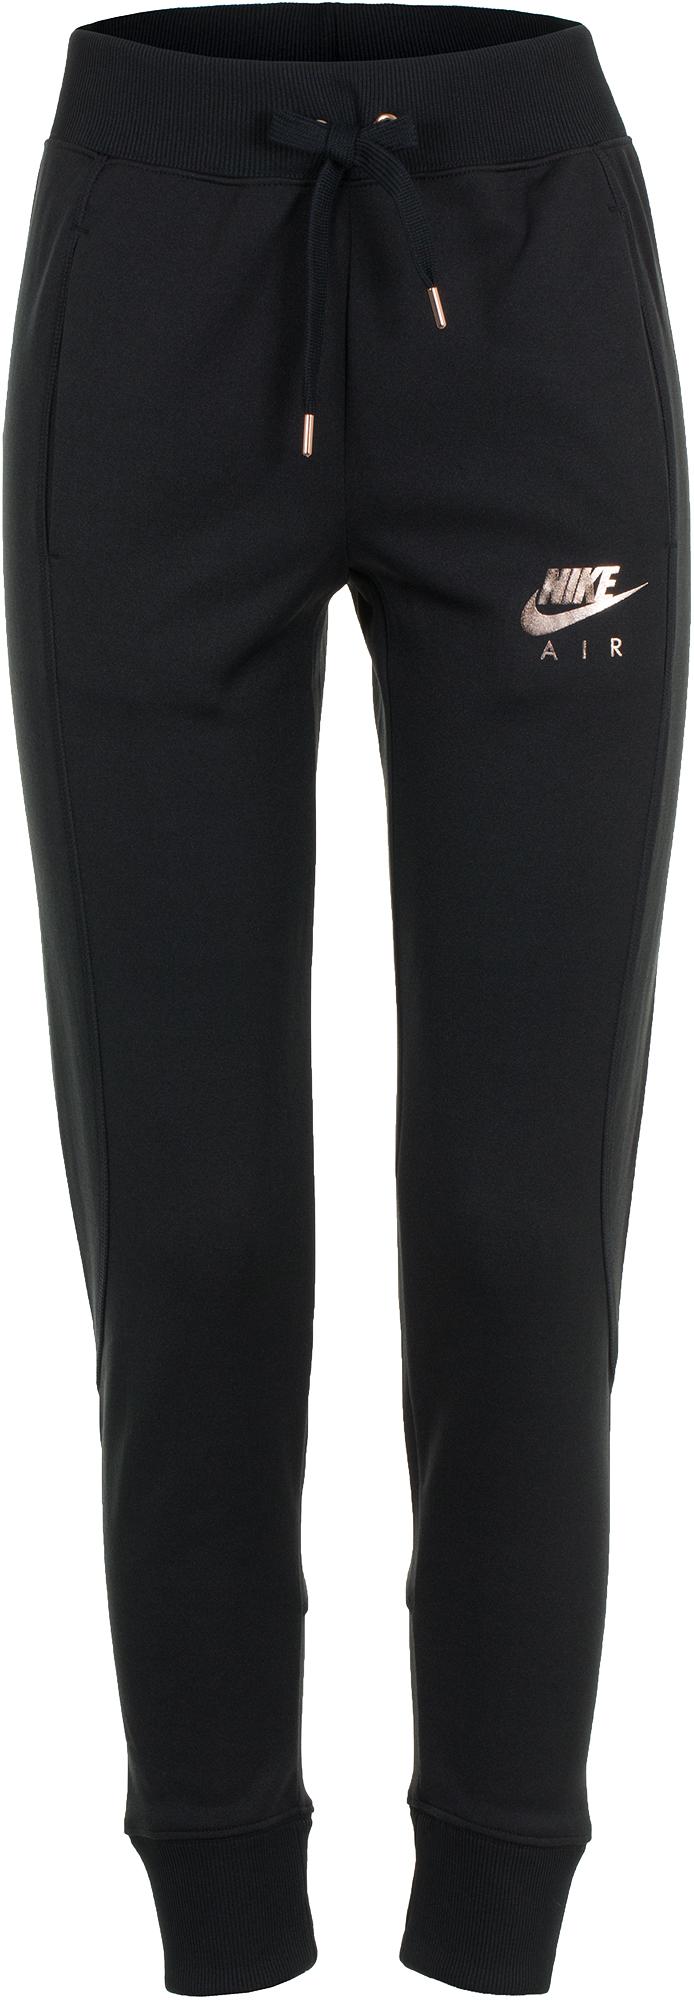 Nike Брюки женские Nike Sportswear, размер 48-50 nike брюки женские nike sportswear advance 15 размер 46 48